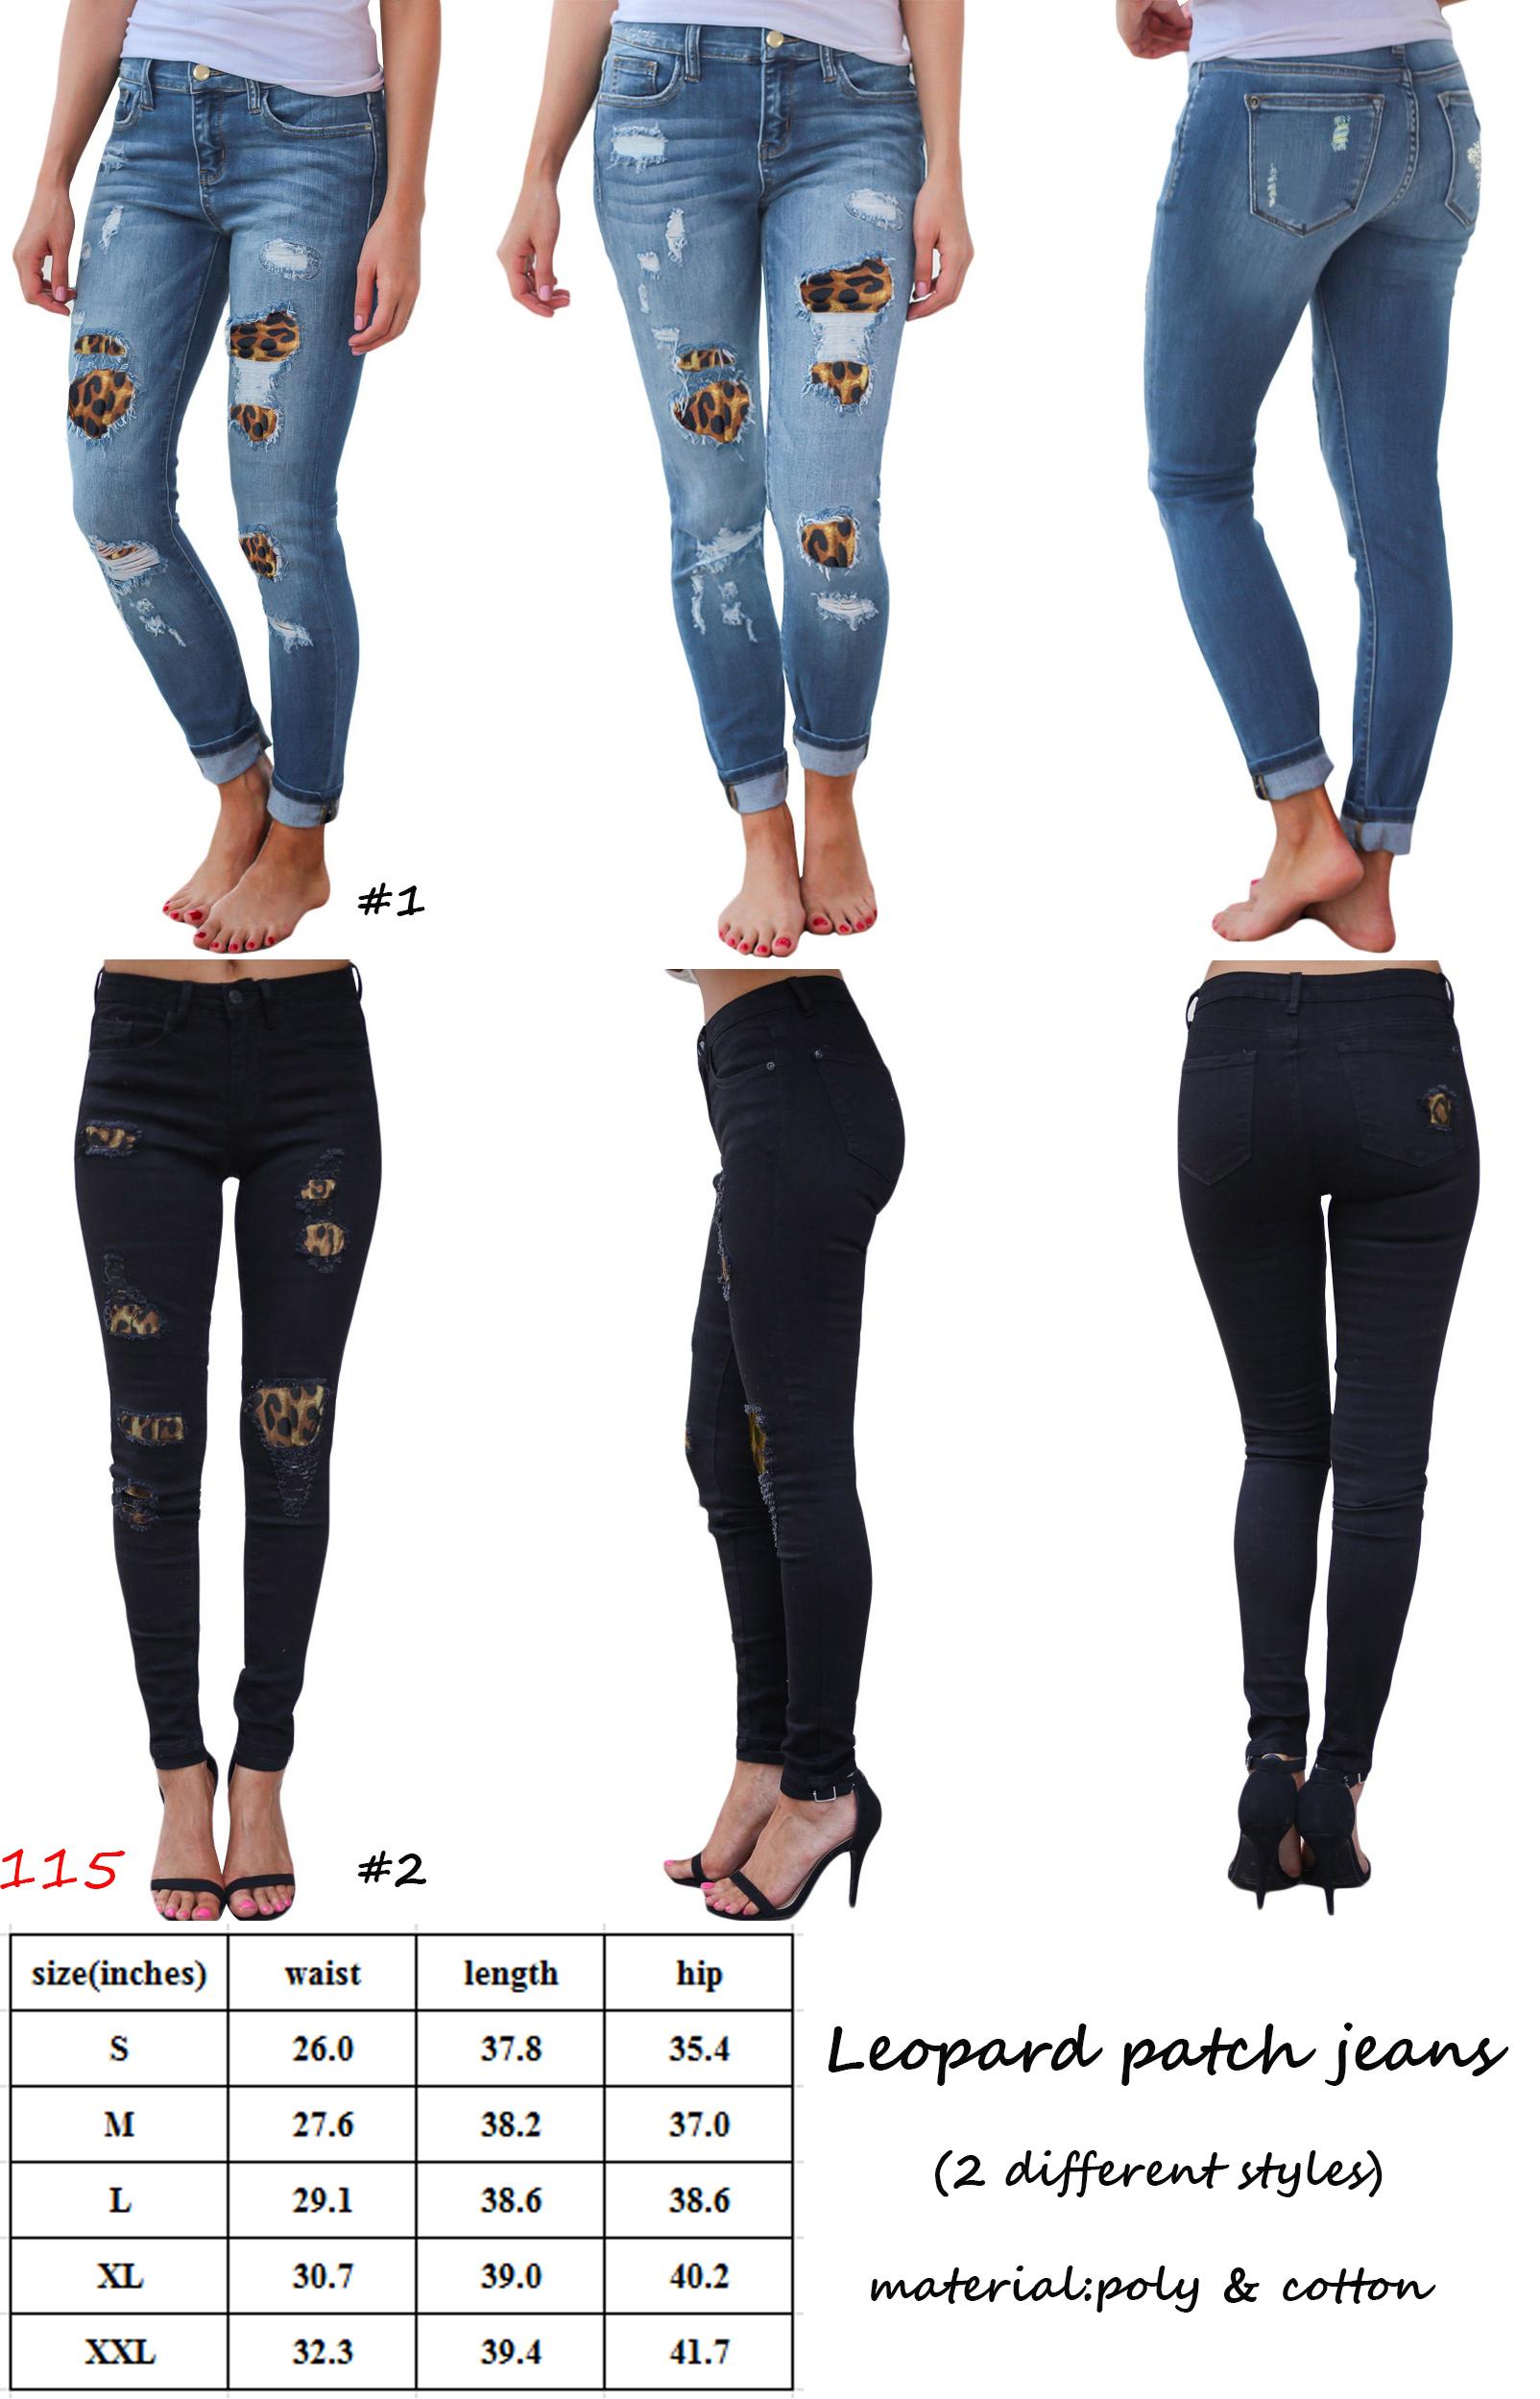 Las Mujeres Pantalones Modernos Vaqueros Skinny Sexy Leopardo Imprimir Agujero Parche Lapiz De Cintura Alta Pantalones De Mezclilla Buy Pantalones De Mezclilla Pantalones De Mezclilla Lapiz Pantalones Con Estampado De Leopardo Product On